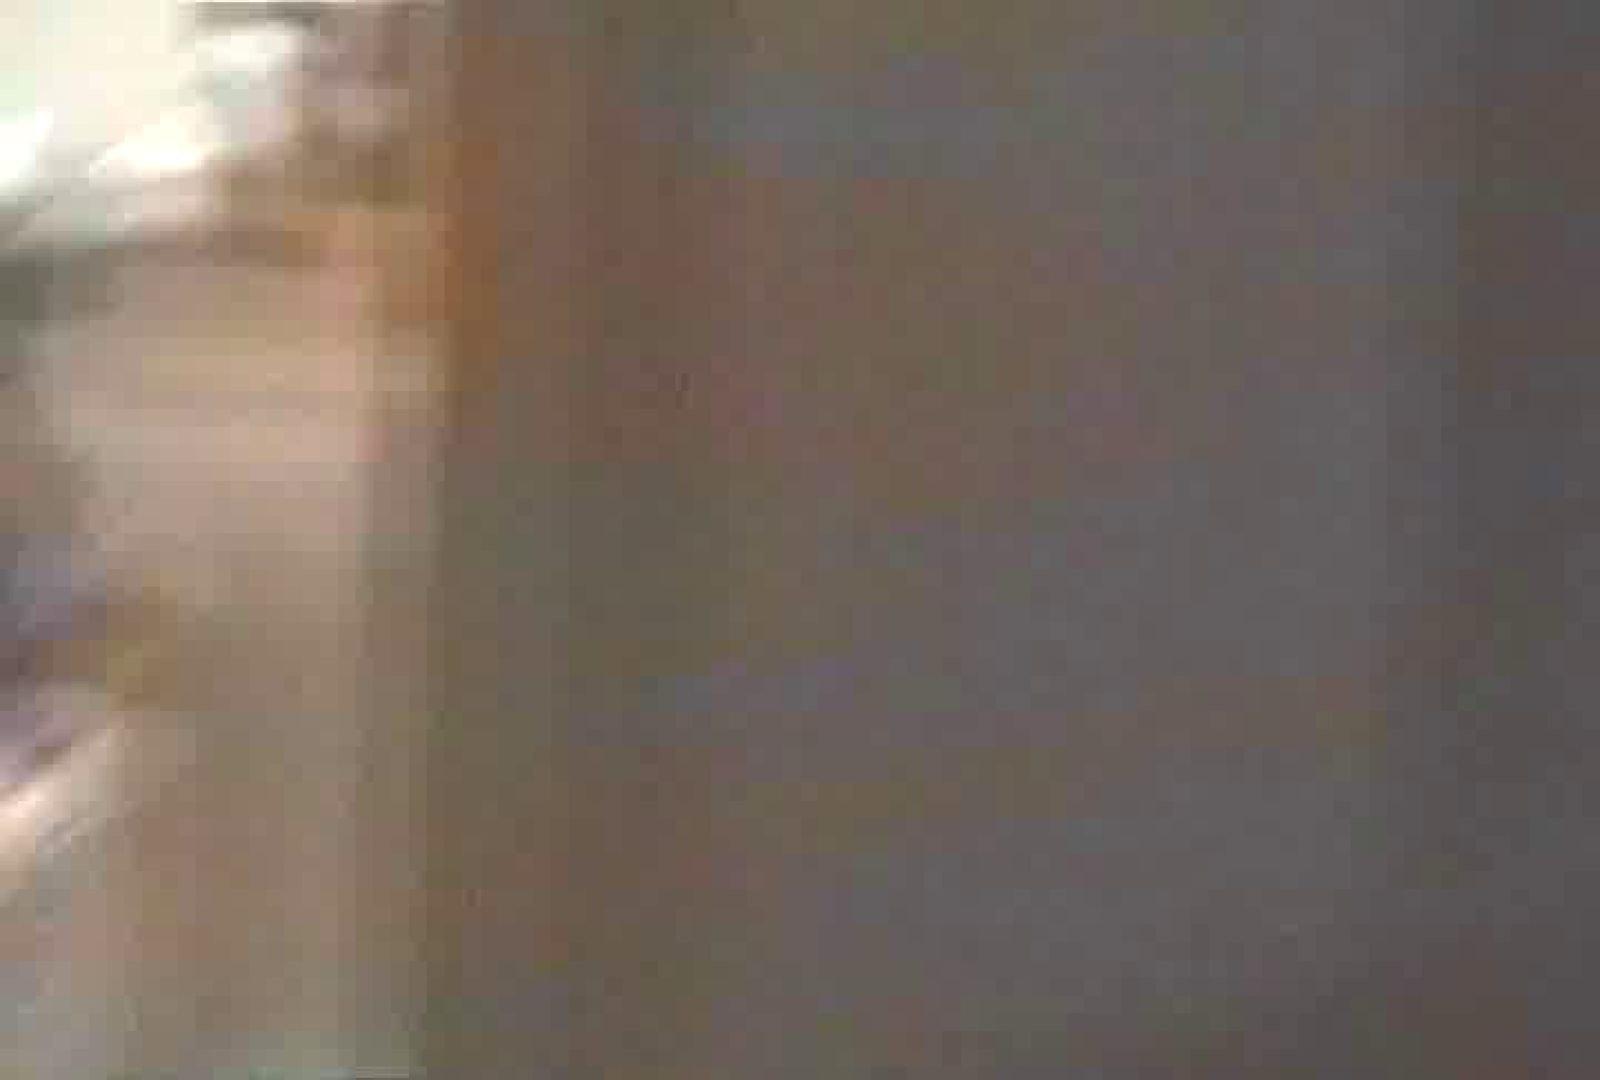 素人投稿シリーズ 盗撮 覗きの穴場 大浴場編  Vol.2 覗き SEX無修正画像 91連発 89